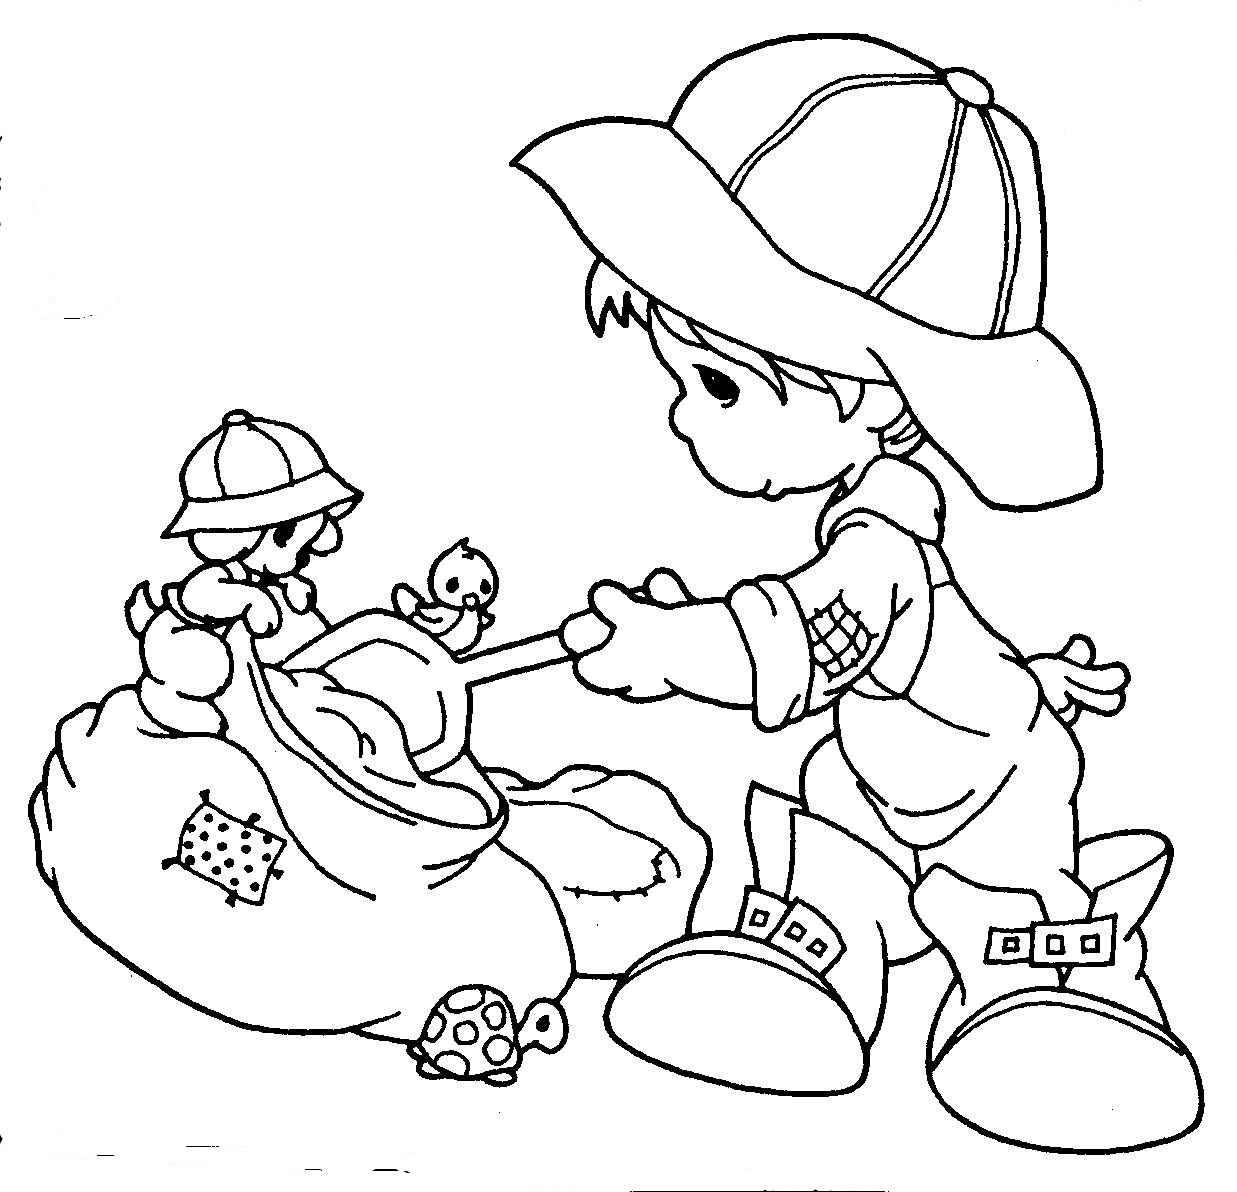 Oficios Y Profesiones Para Colorear Dibujos Imagixs